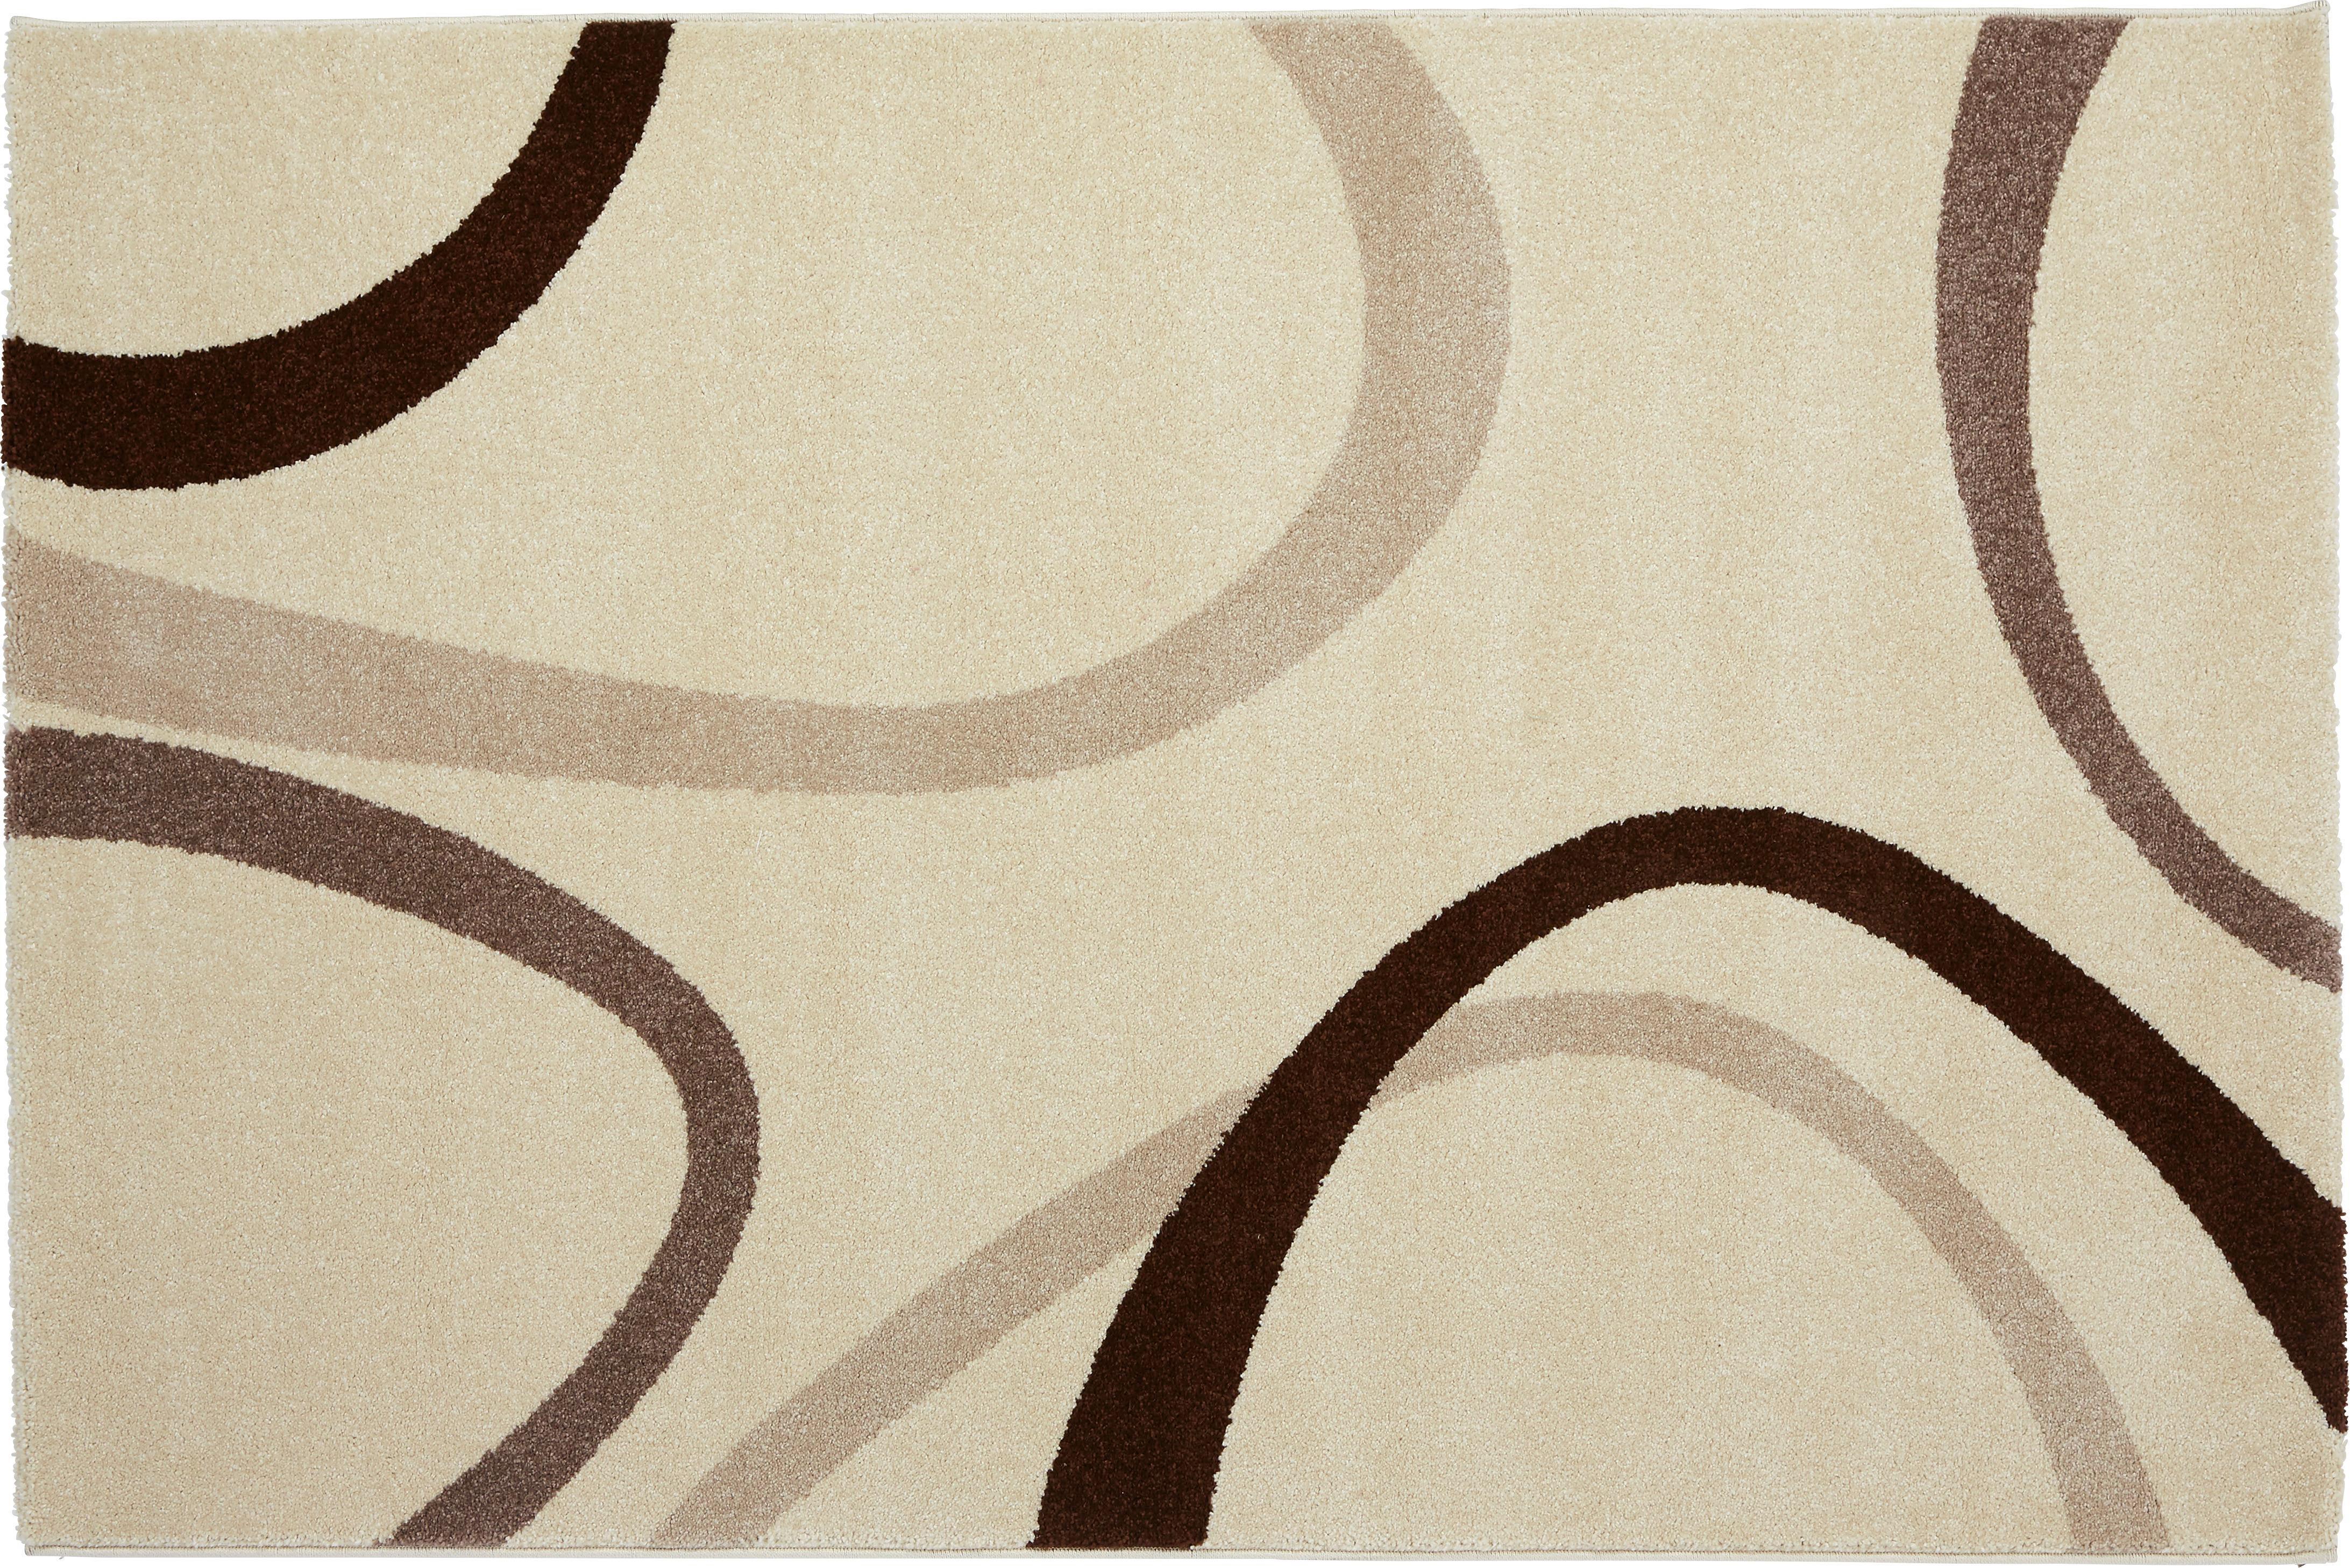 Szőnyeg Joyce - bézs, konvencionális, textil (160/230cm) - OMBRA